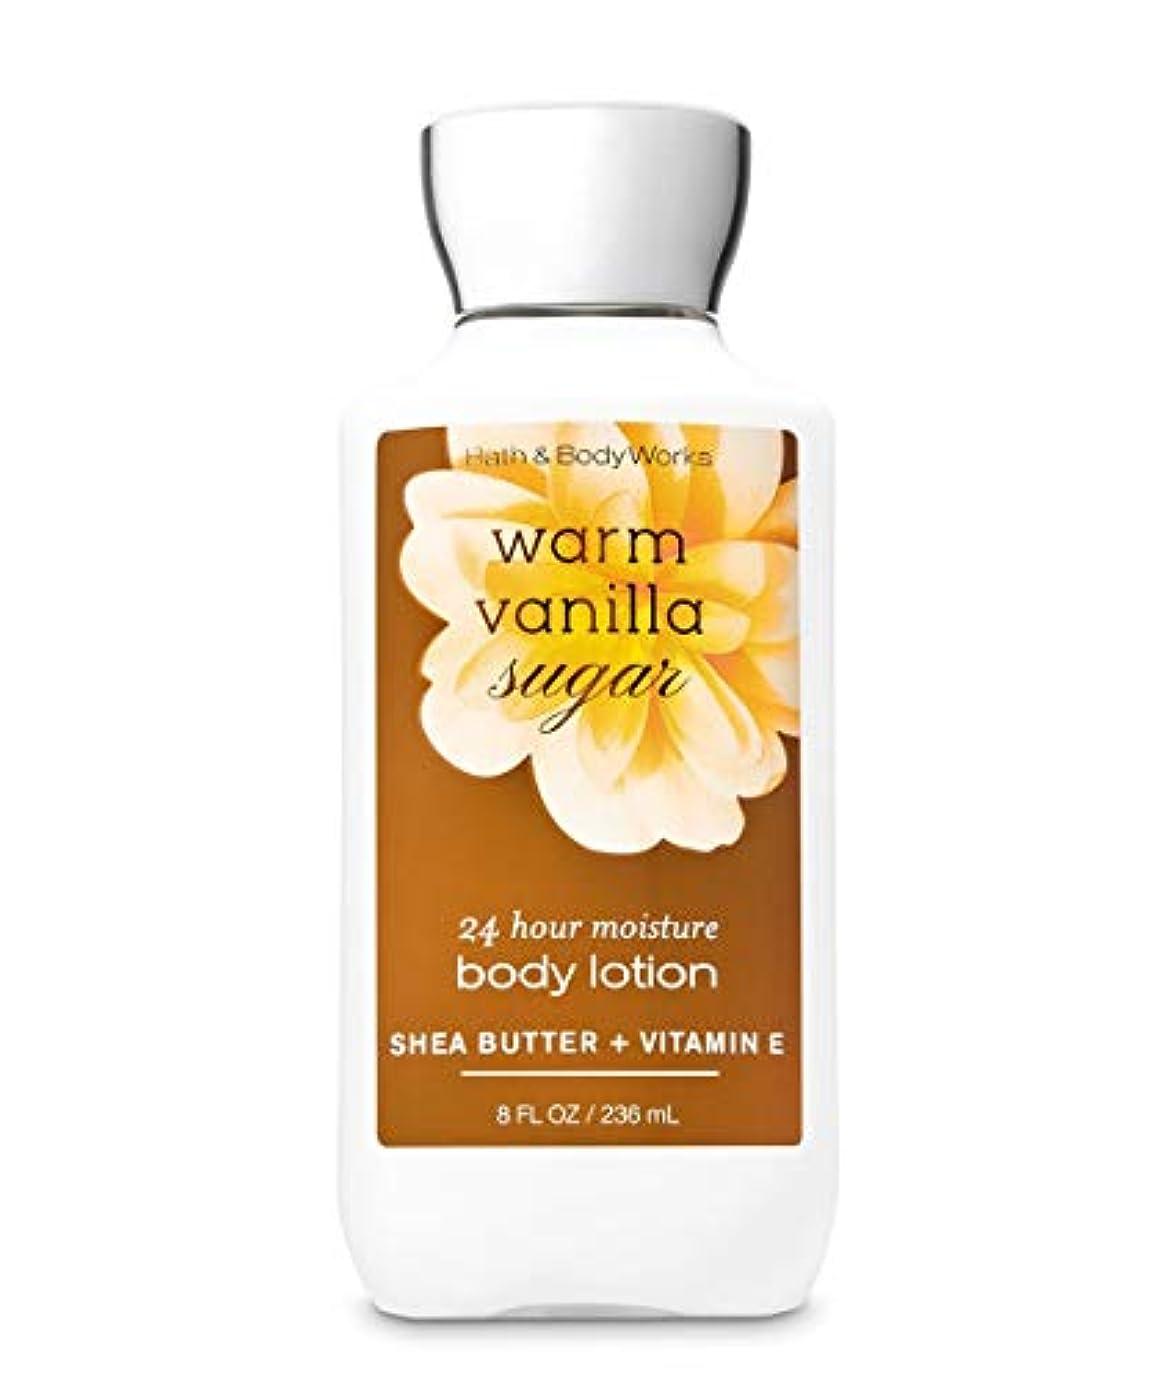 過敏な値する免疫バス&ボディワークス ウォームバニラシュガー ボディローション 236ml(8oz) Body Lotion Warm Vanilla Sugar【並行輸入品】